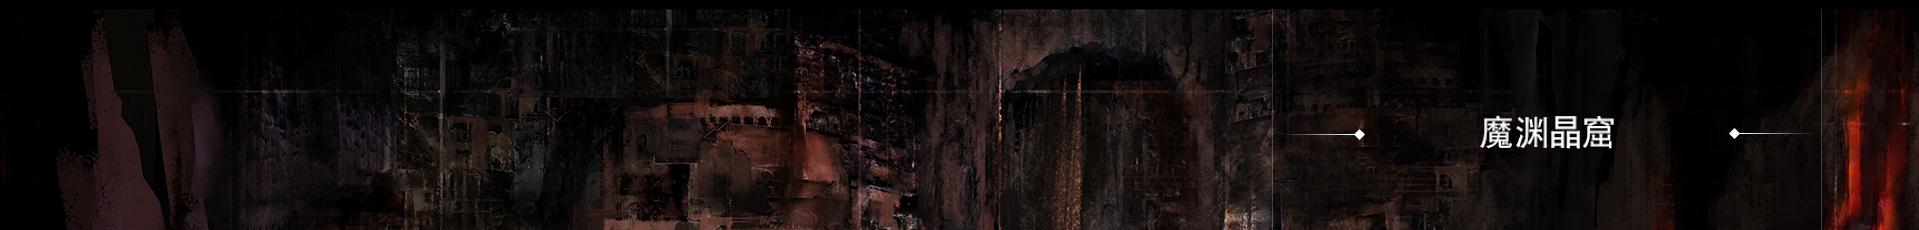 迷宫任务(1.20版本)-刀剑神域彼岸游境攻略站